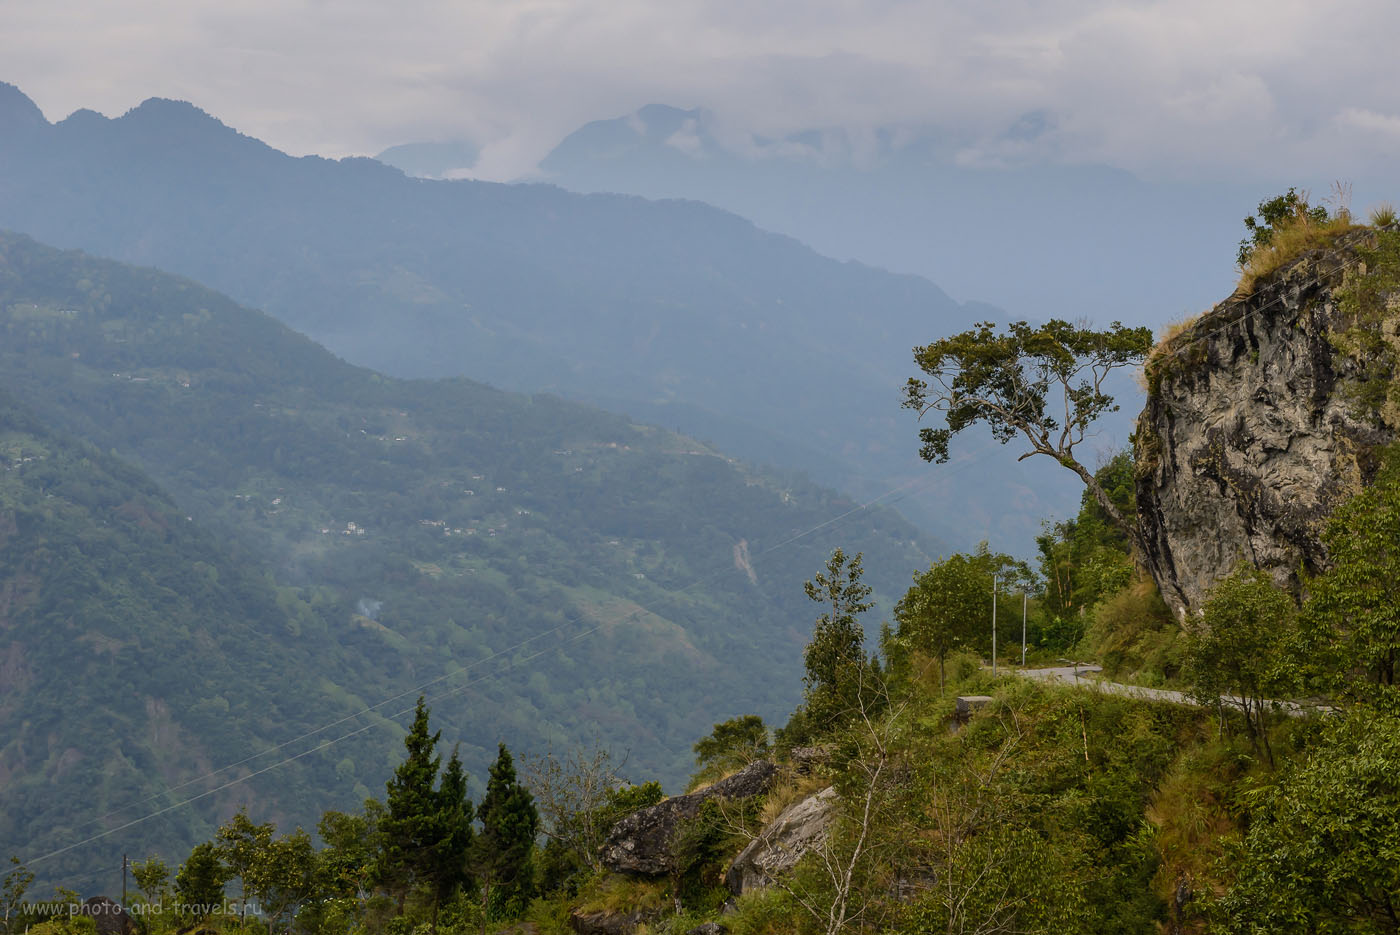 Фотография 2. Горные дороги. Путешествие в Гималаи самостоятельно. Поездка из Гангтока в Yumthang Valley, расположенную у границы Индии и Китая. 800, 1/500, 640, -0.7EV, 70.